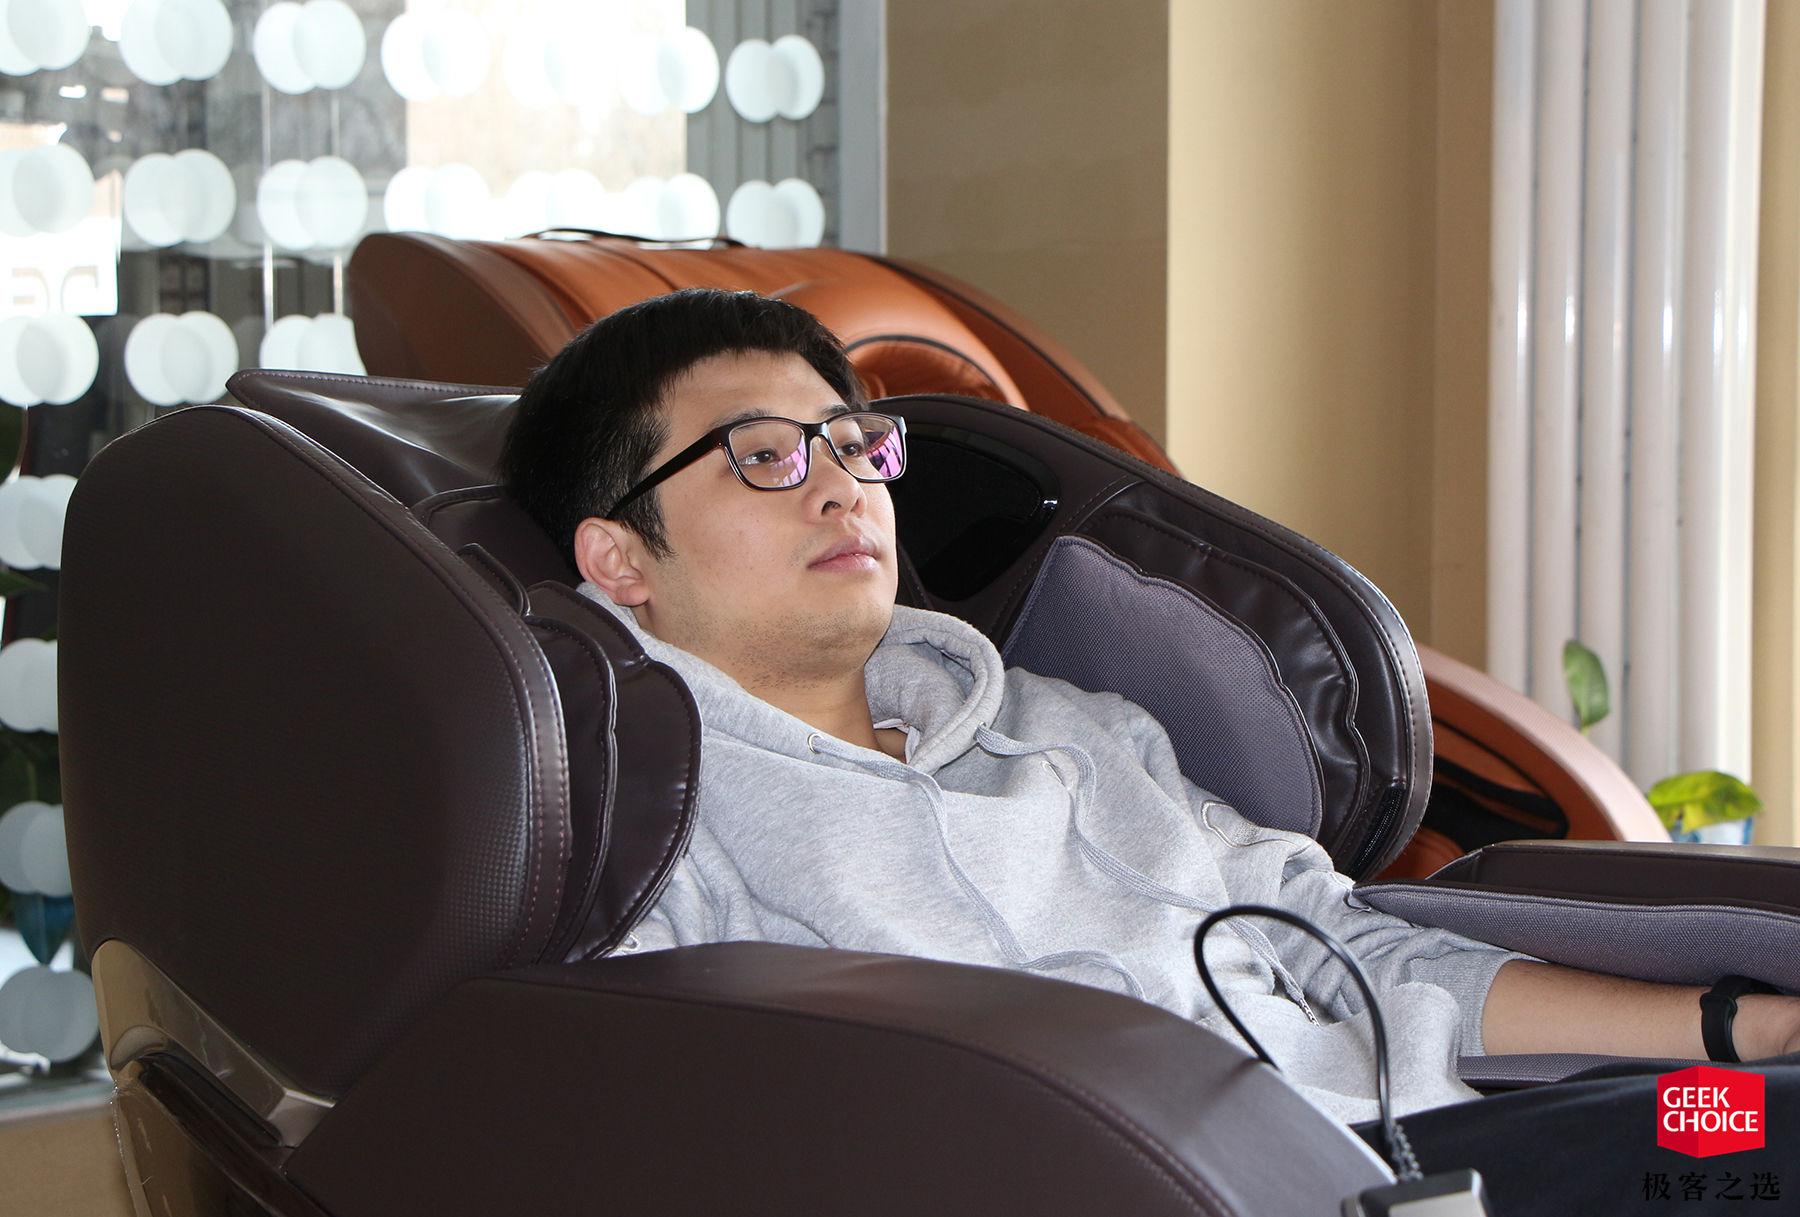 日本华人大但人体_六十年前日本澡堂的秘密,为什么成了如今年轻人的高科技放松利器?